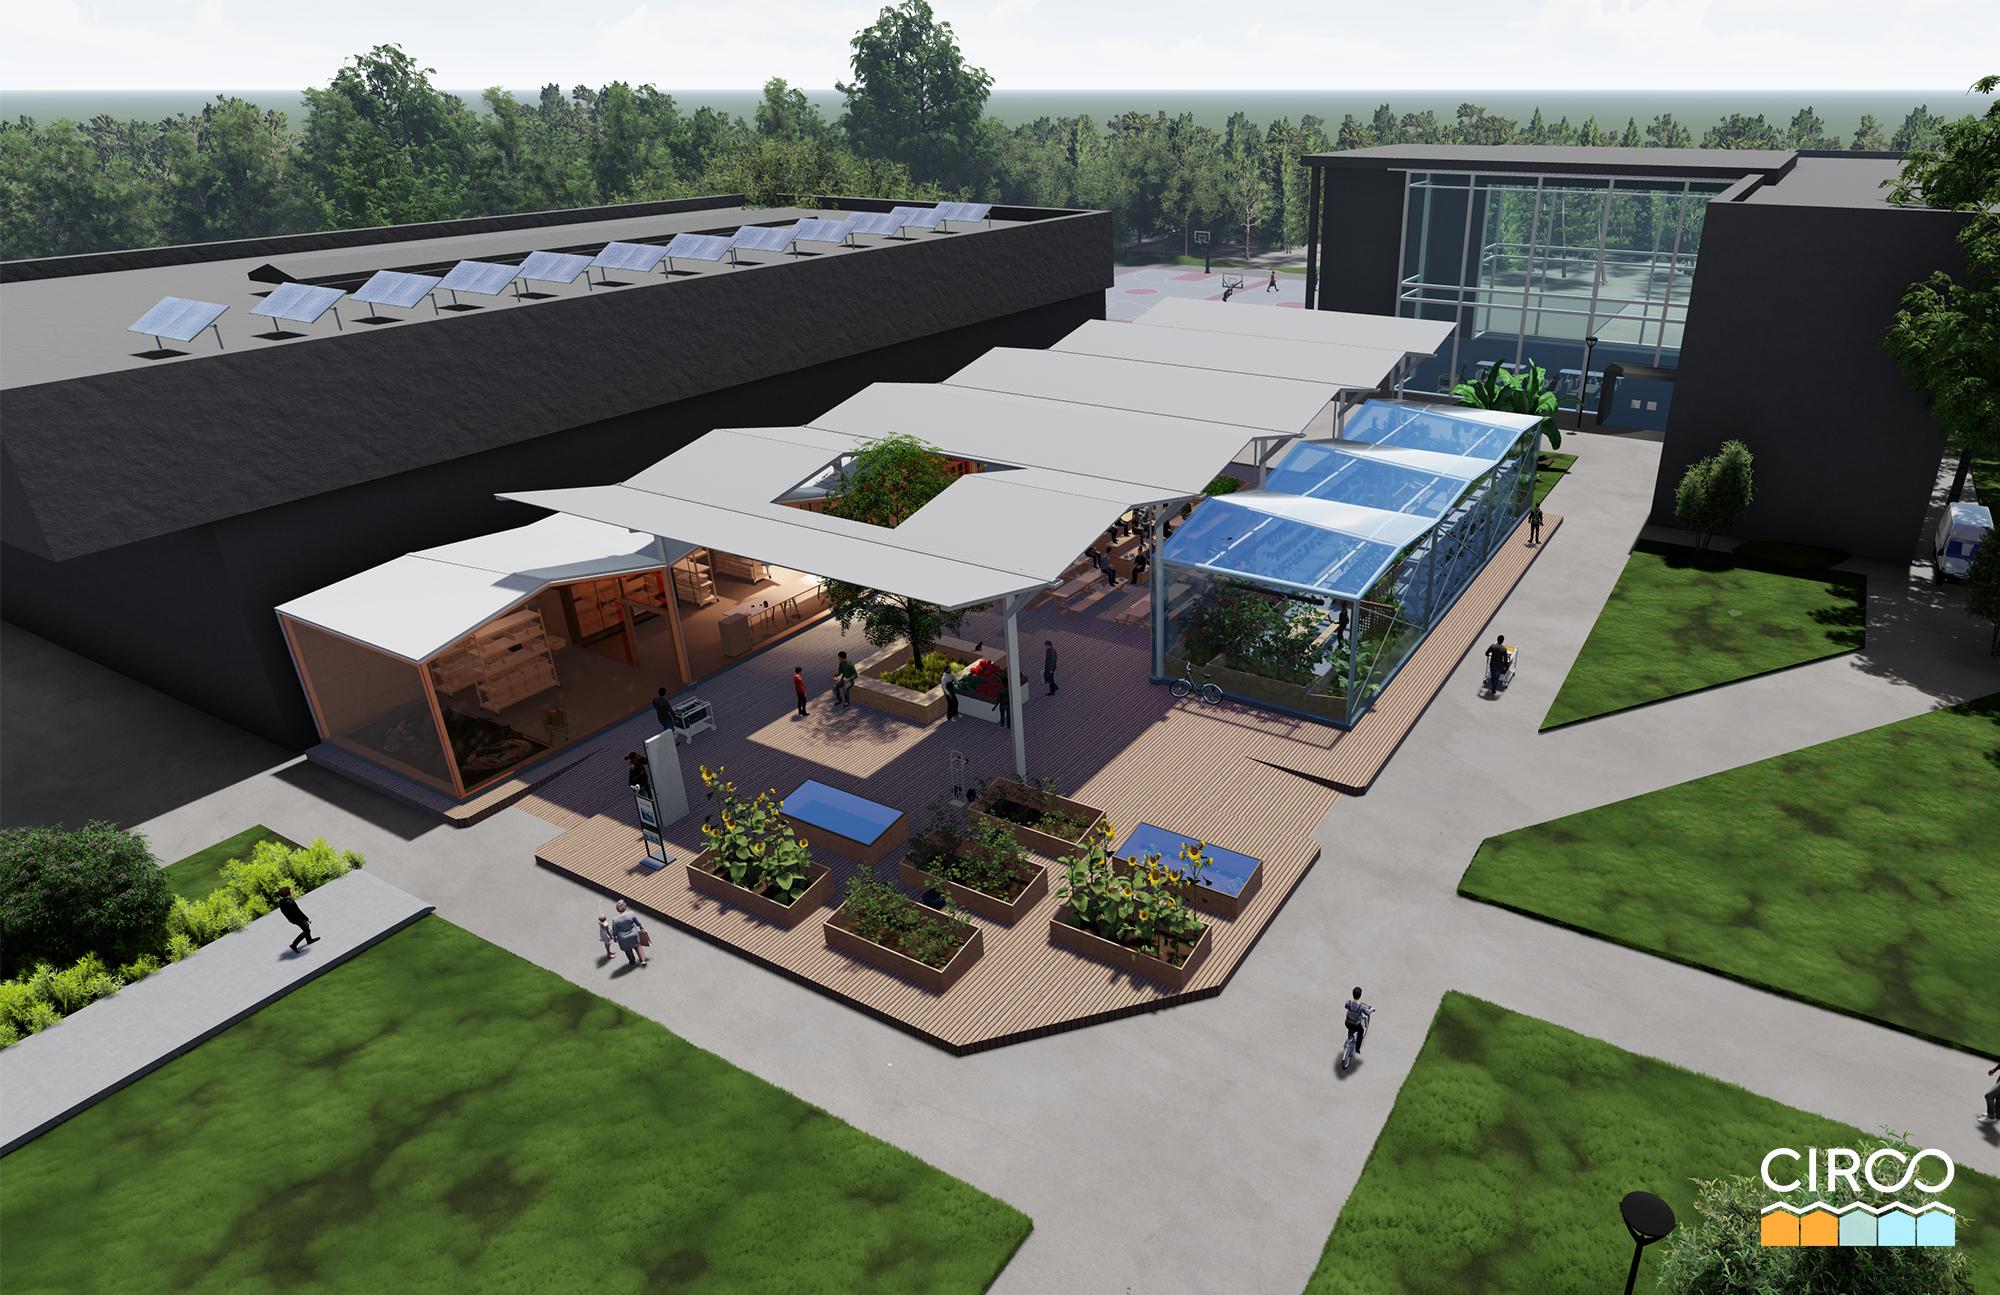 CIRCO – Der Schulgarten für regenerative Landwirtschaft